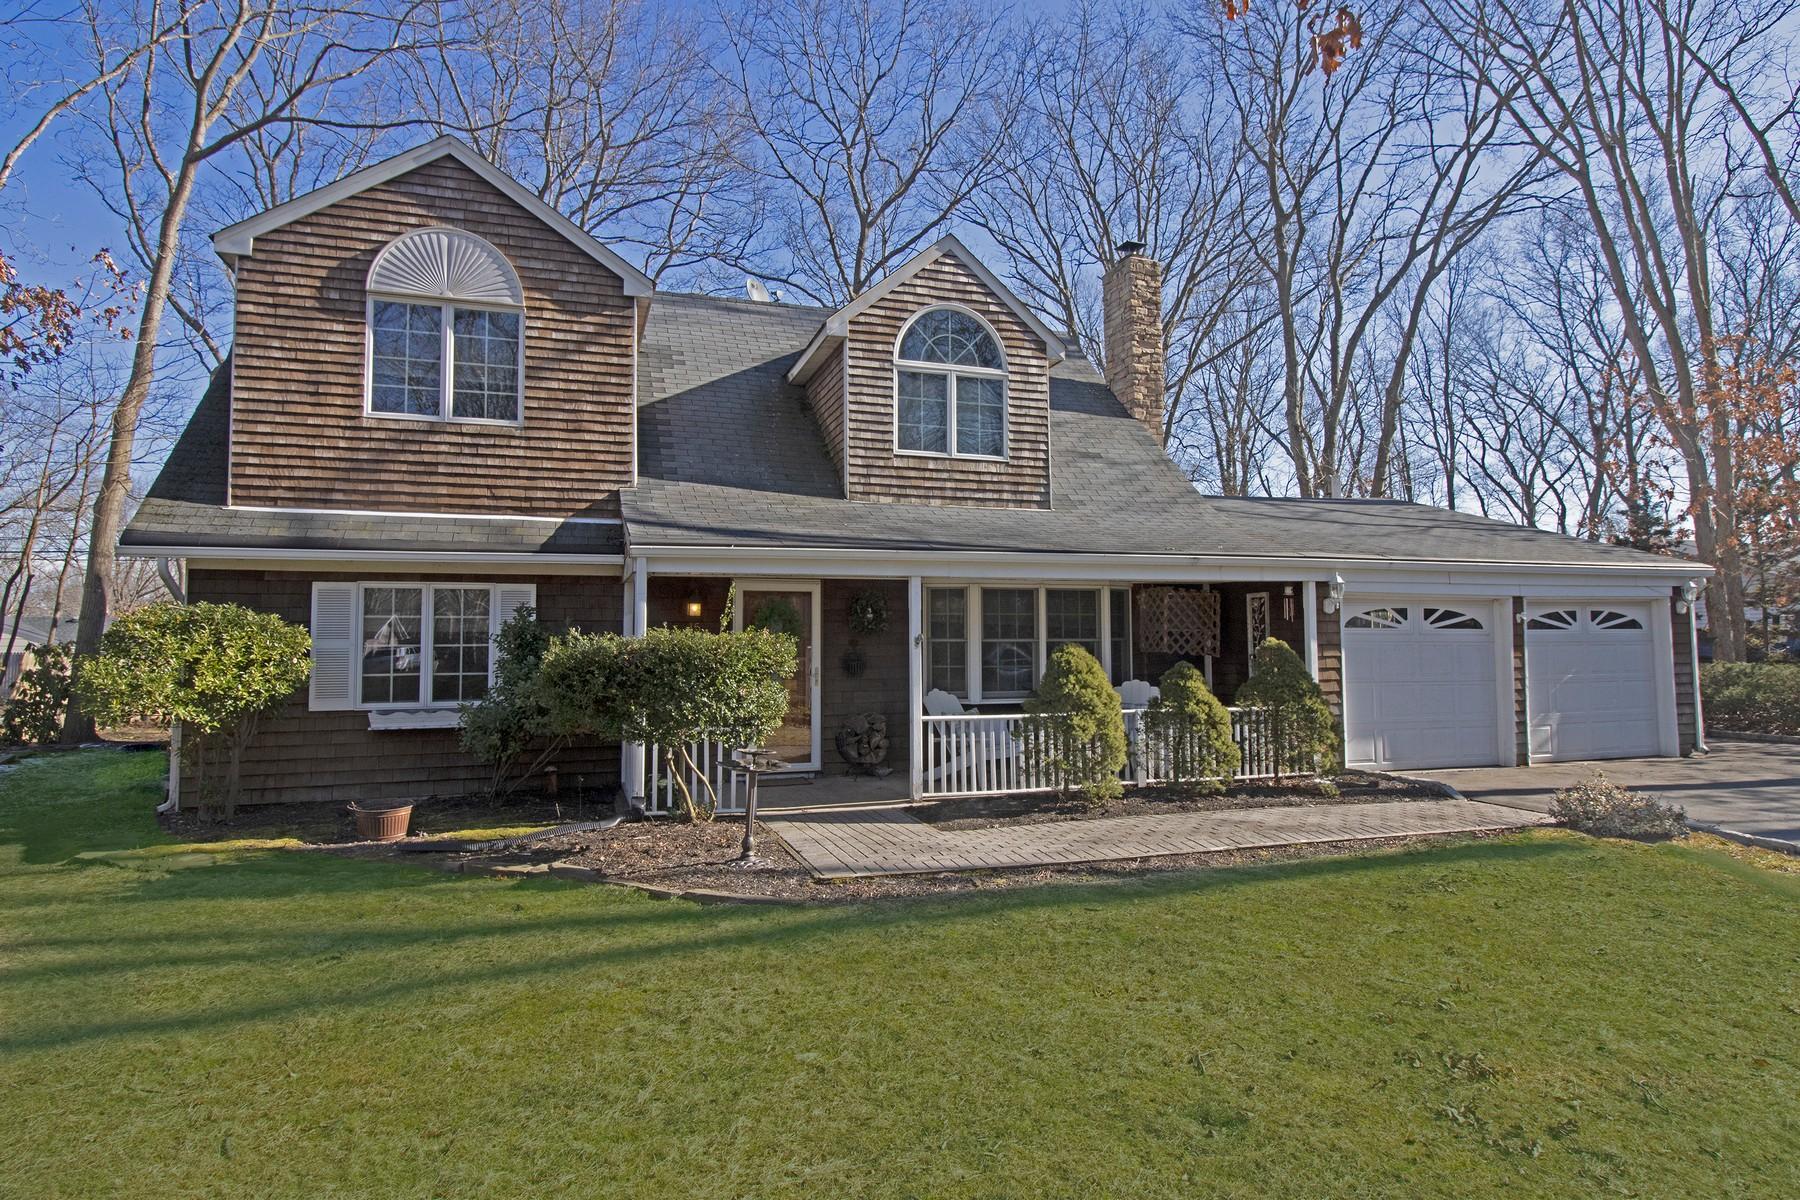 Single Family Homes for Sale at Stony Brook 15 Seward Ln Stony Brook, New York 11790 United States